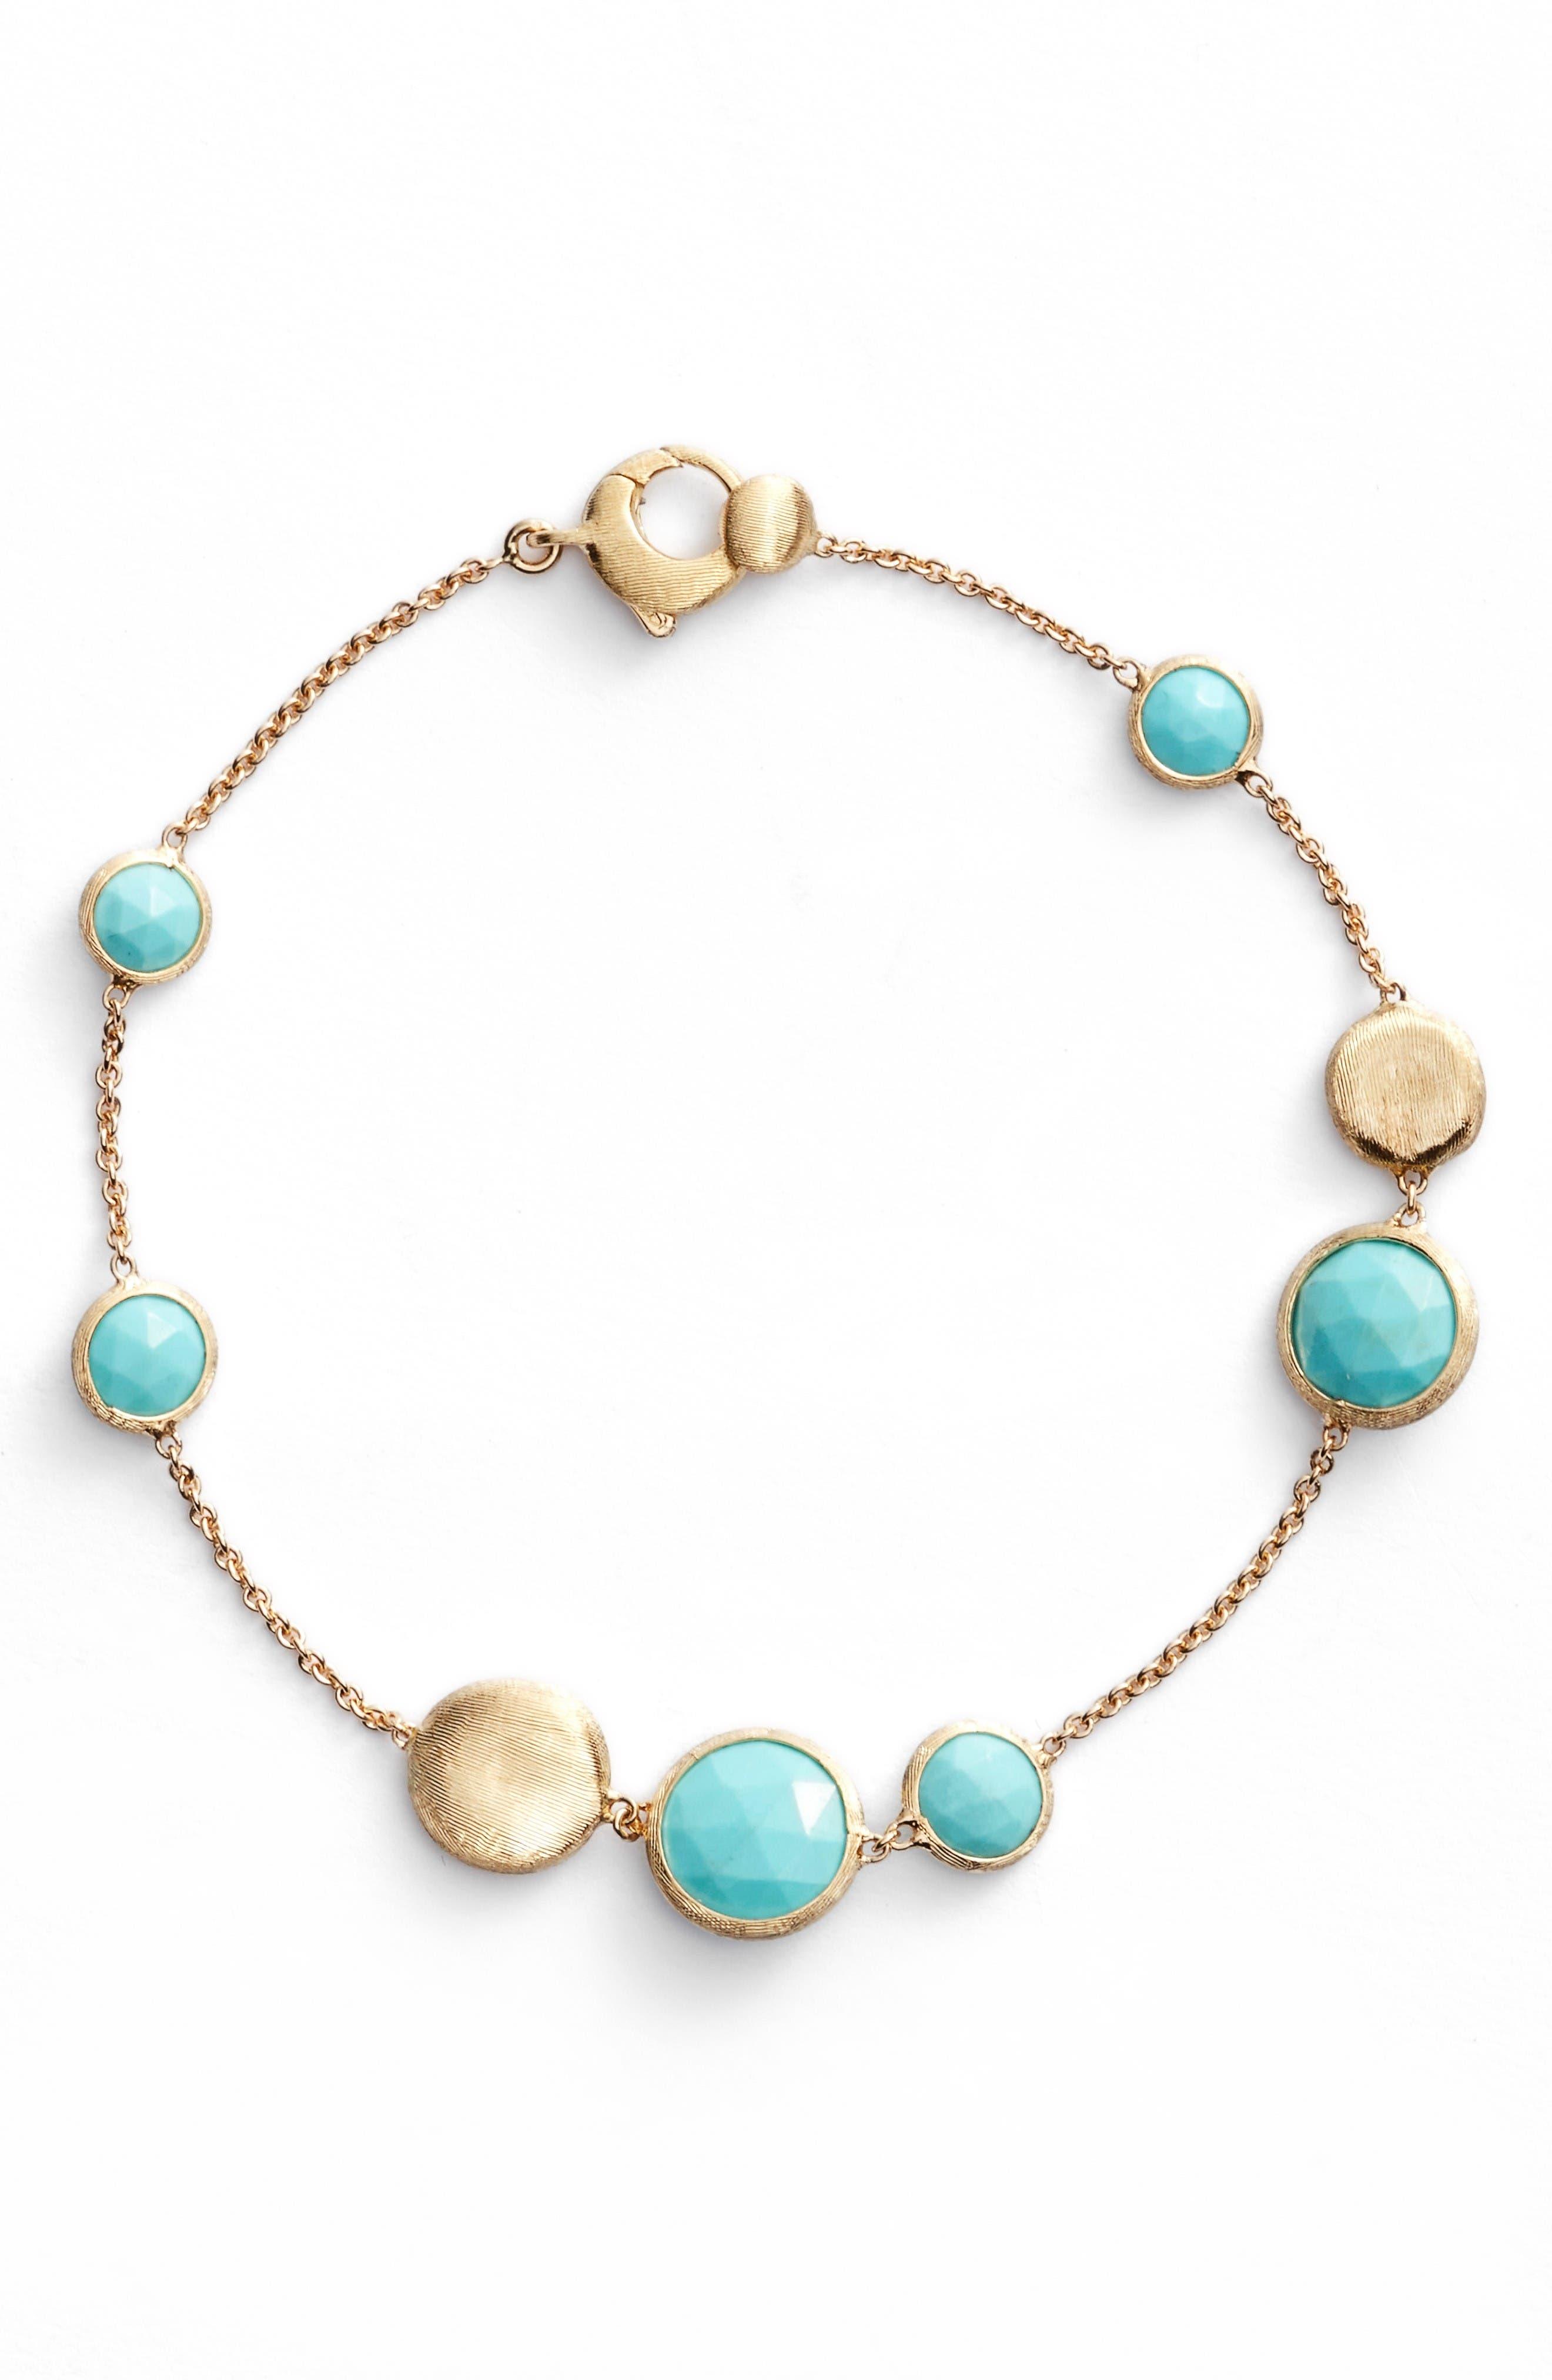 Main Image - Marco Bicego Jaipur Turquoise Bracelet